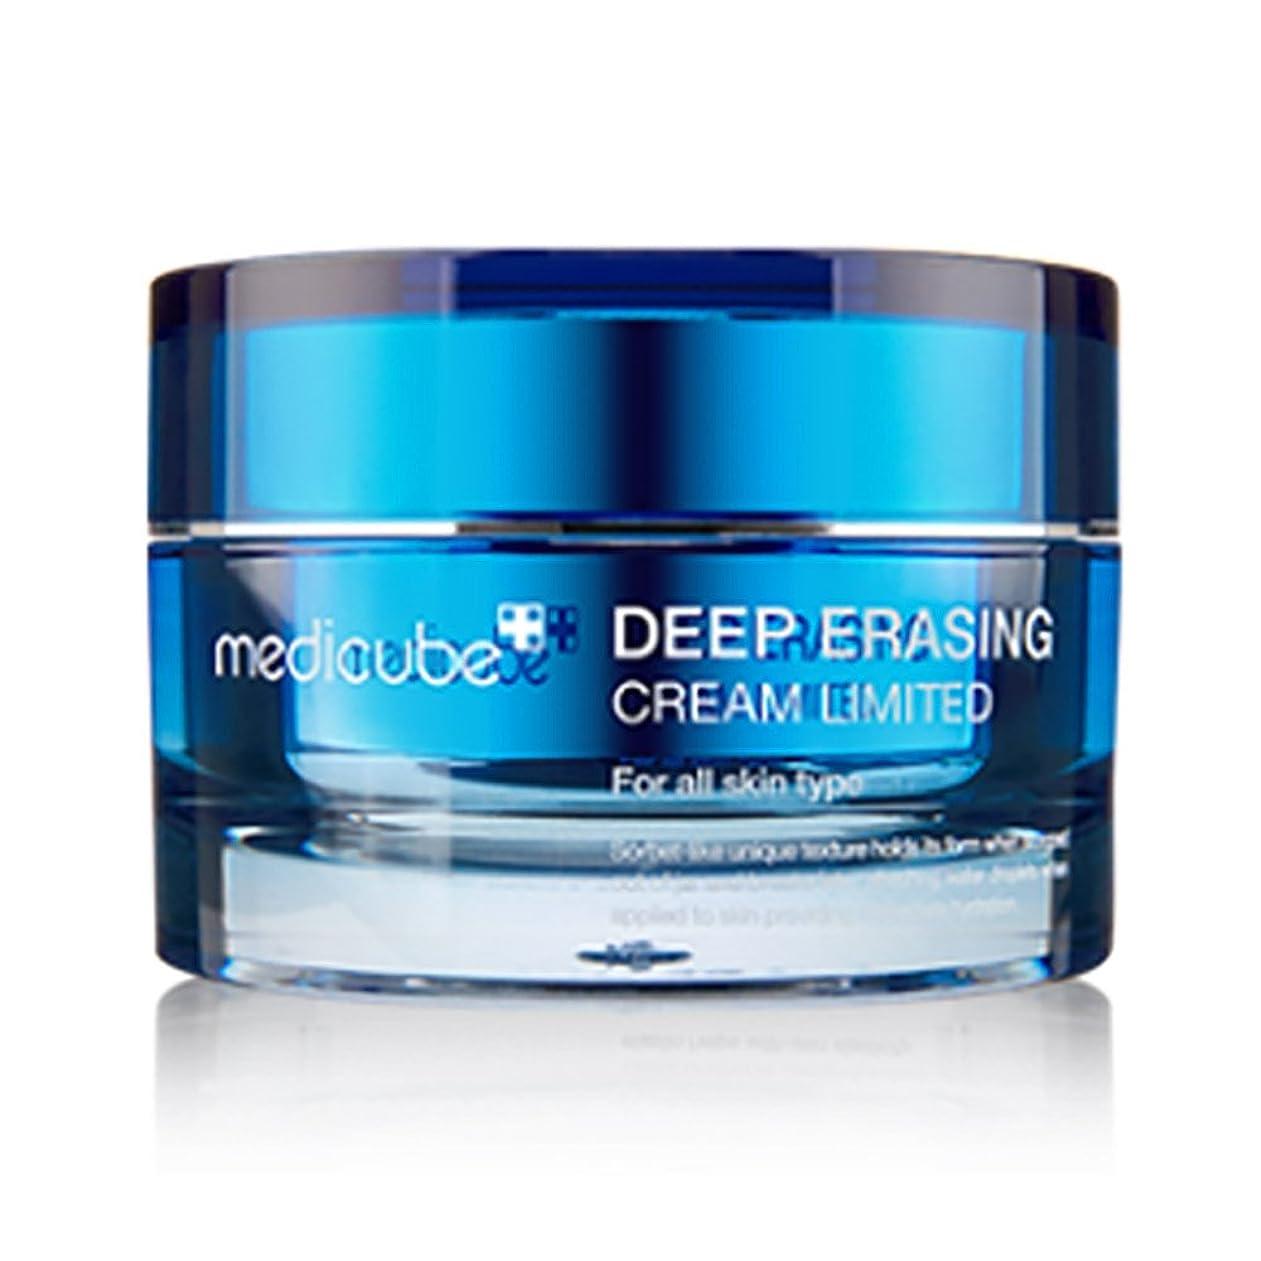 挨拶戦略お誕生日[メディキューブ]Medicube メディキューブ ディープイレイジングクリームリミテッド 50ml 海外直商品 Summer Limited Blue Deep Erasing Cream 50ml [並行輸入品]